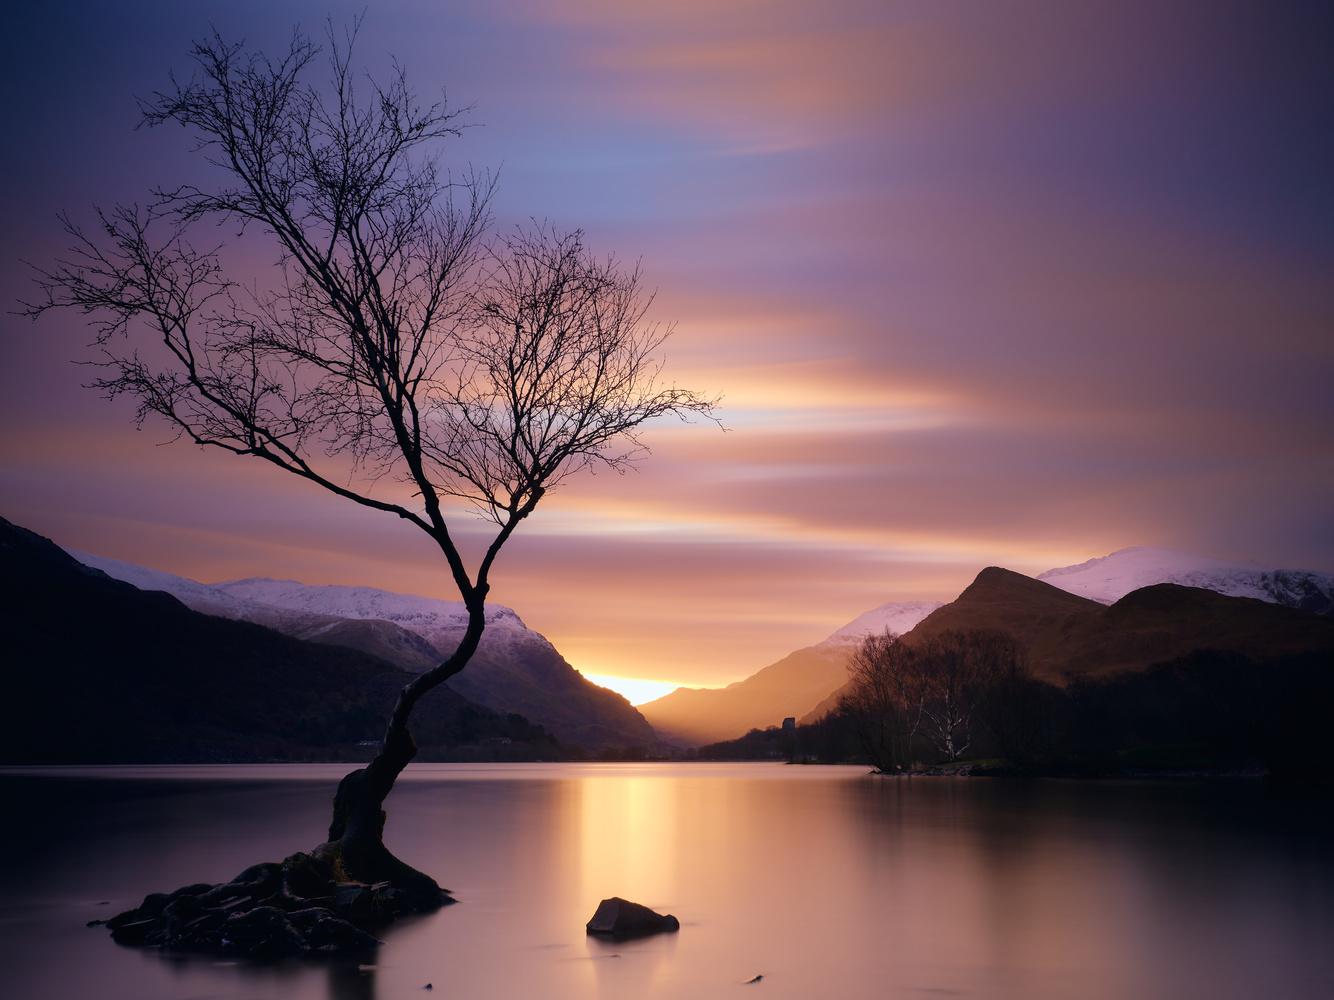 Llyn Padarn by Dominic Williams